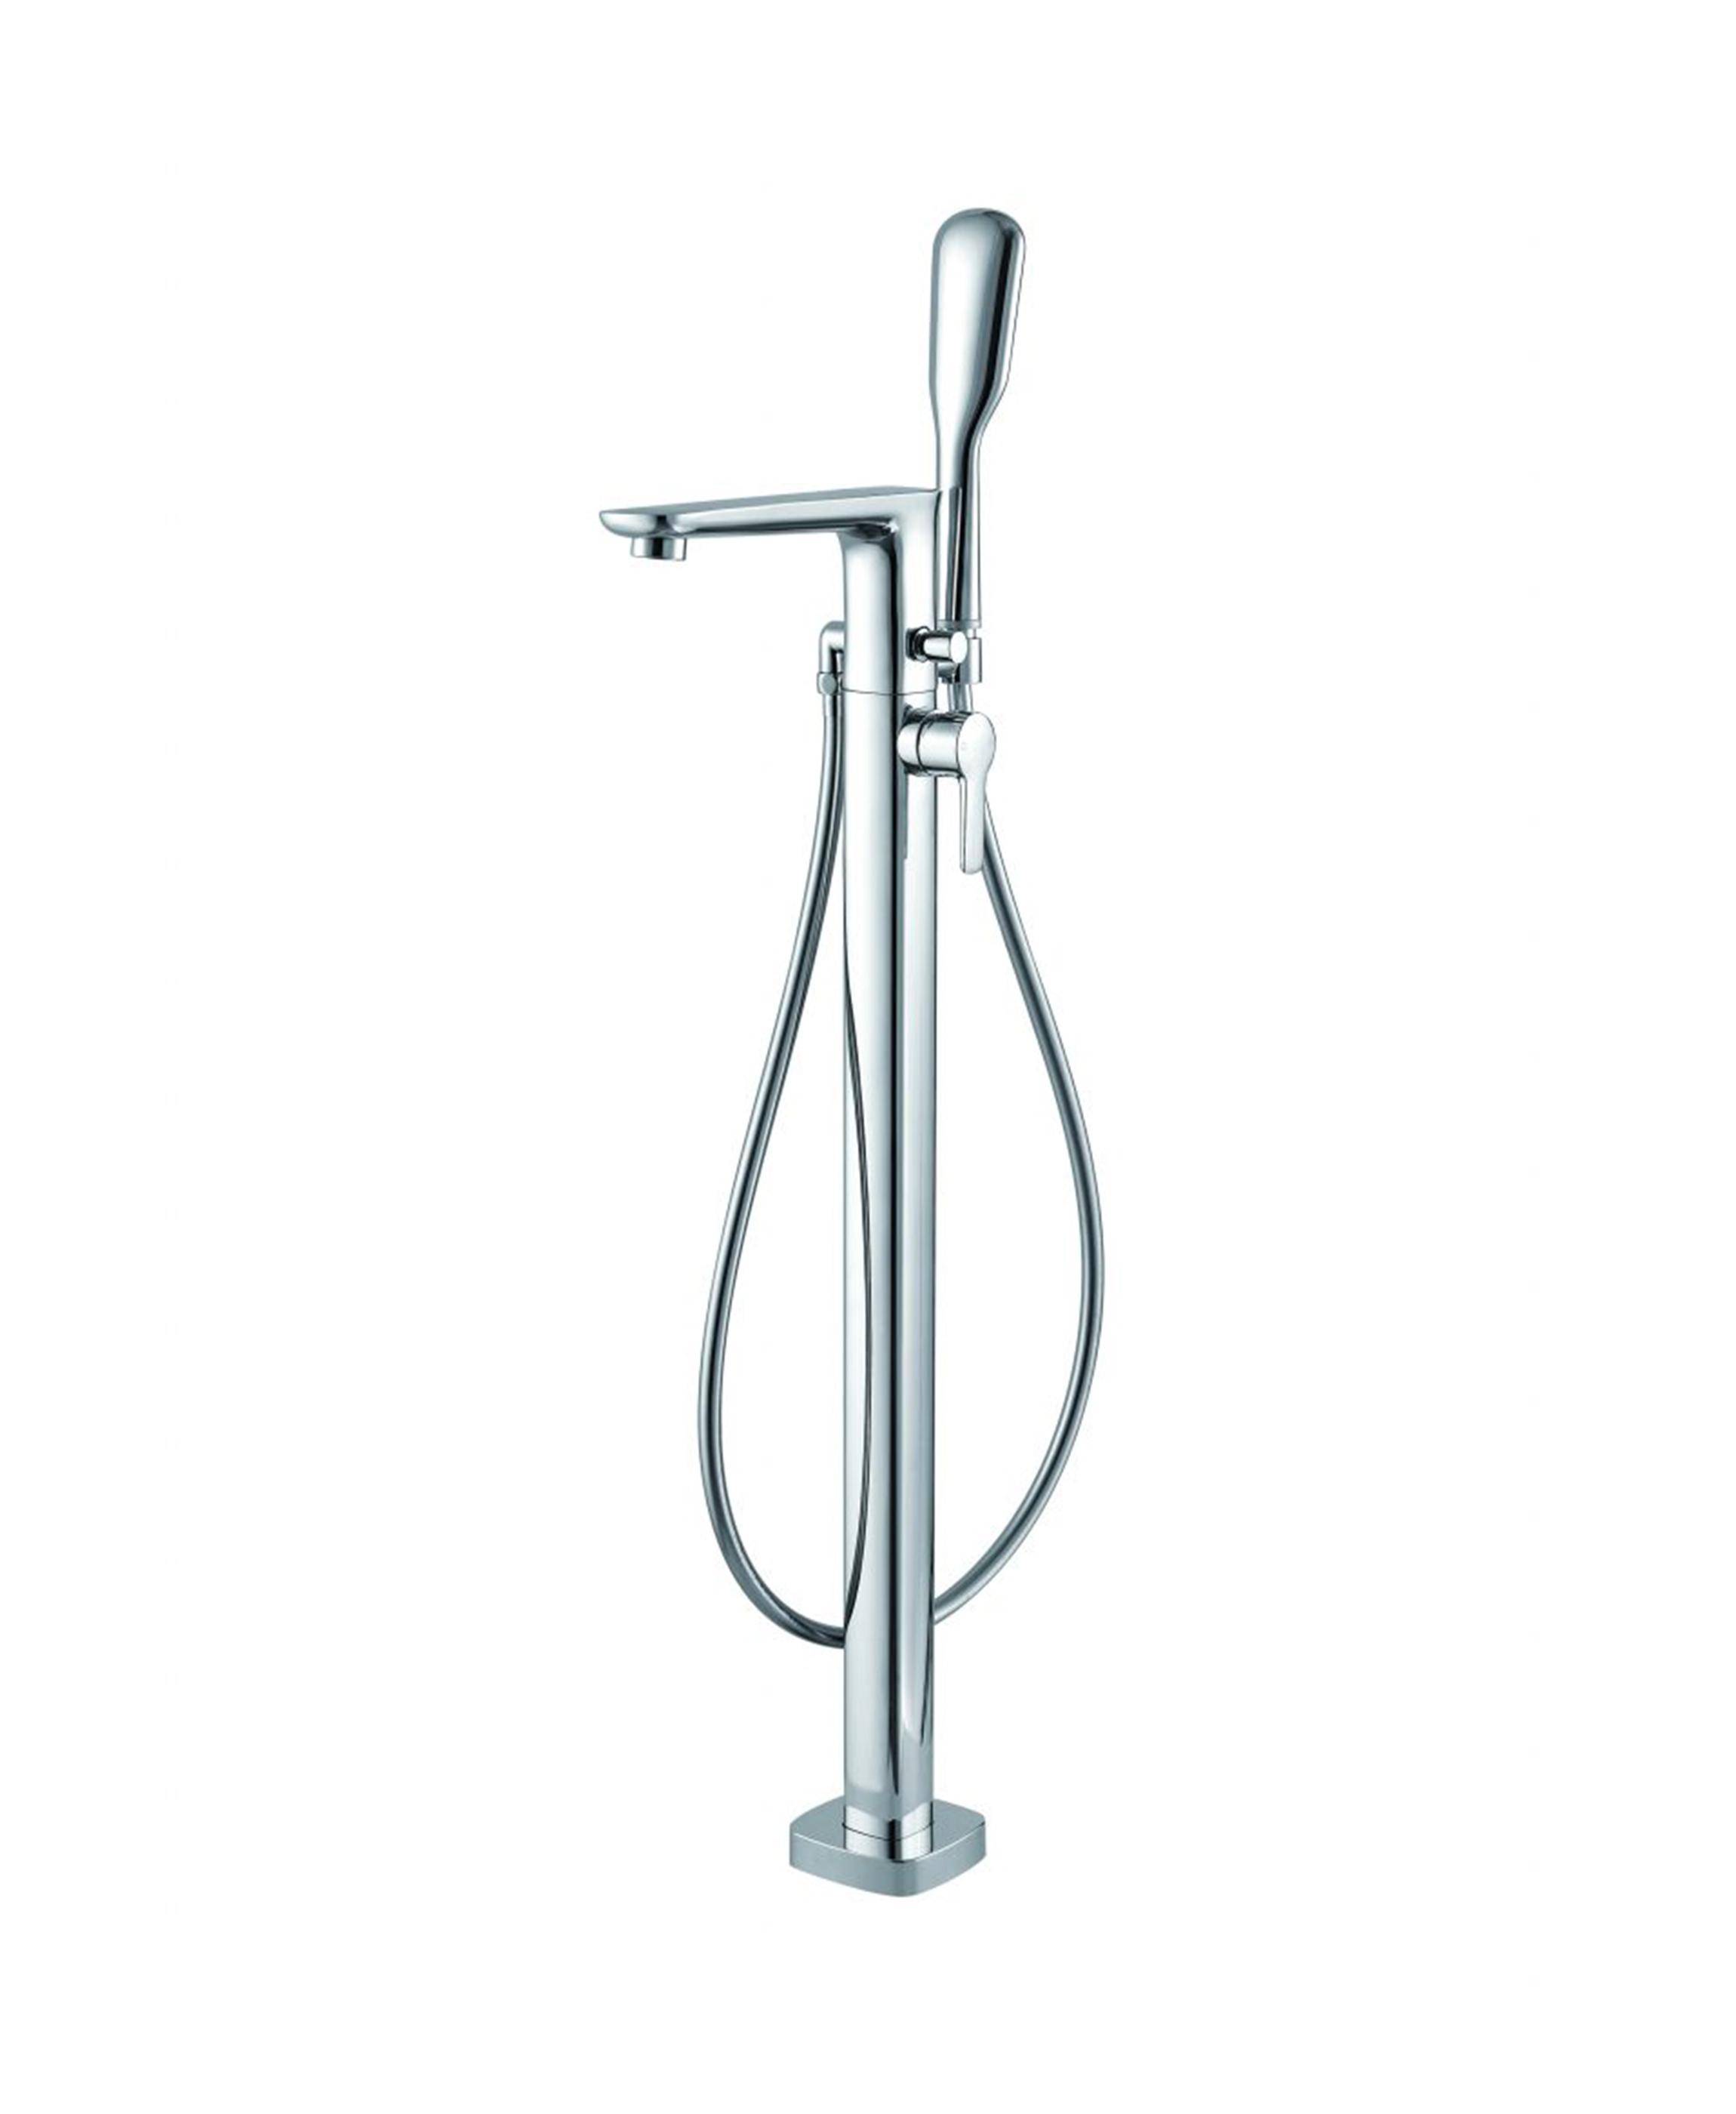 rain freestanding bath shower mixer with handset h v bathrooms tiles. Black Bedroom Furniture Sets. Home Design Ideas